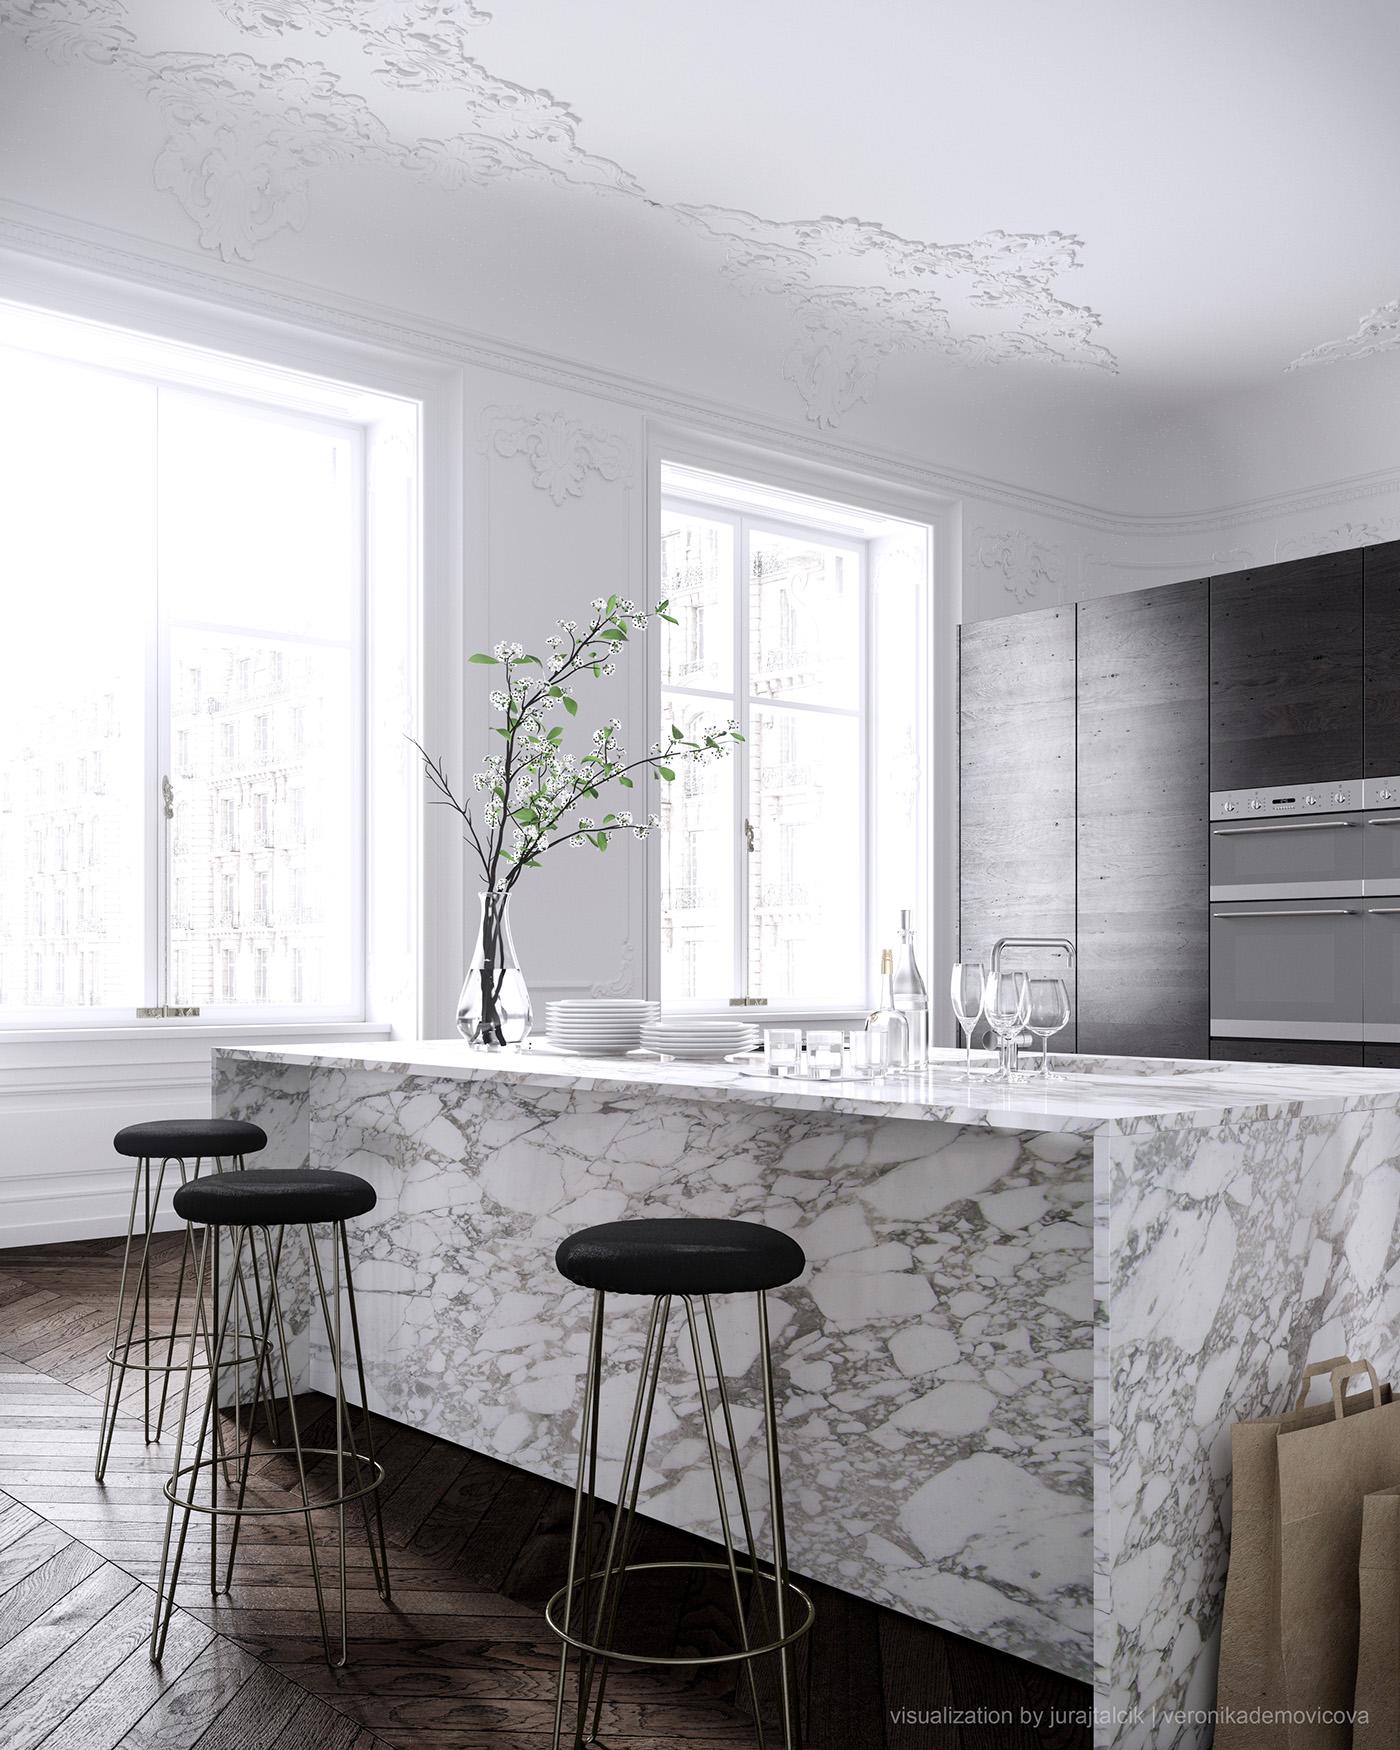 Showcase Paris Apartment Interior Design by Jessica Vedel